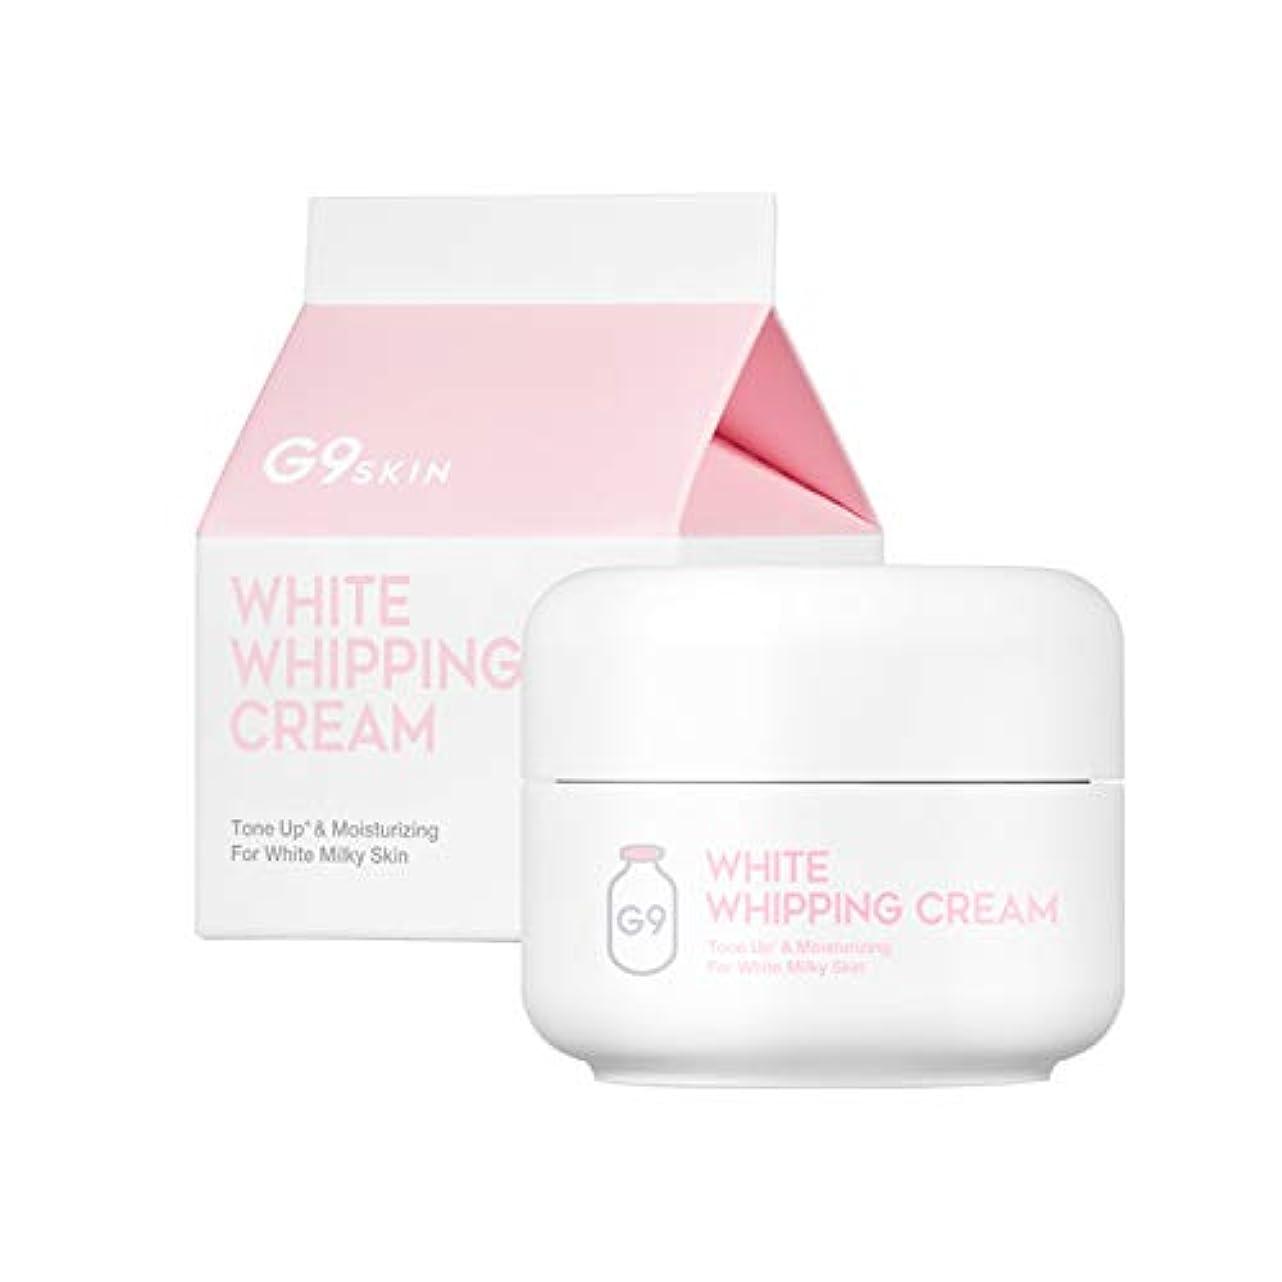 巡礼者言語学スツールG9SKIN(ベリサム) ホワイト イン 生クリーム WHITE IN WHIPPING CREAM 50g